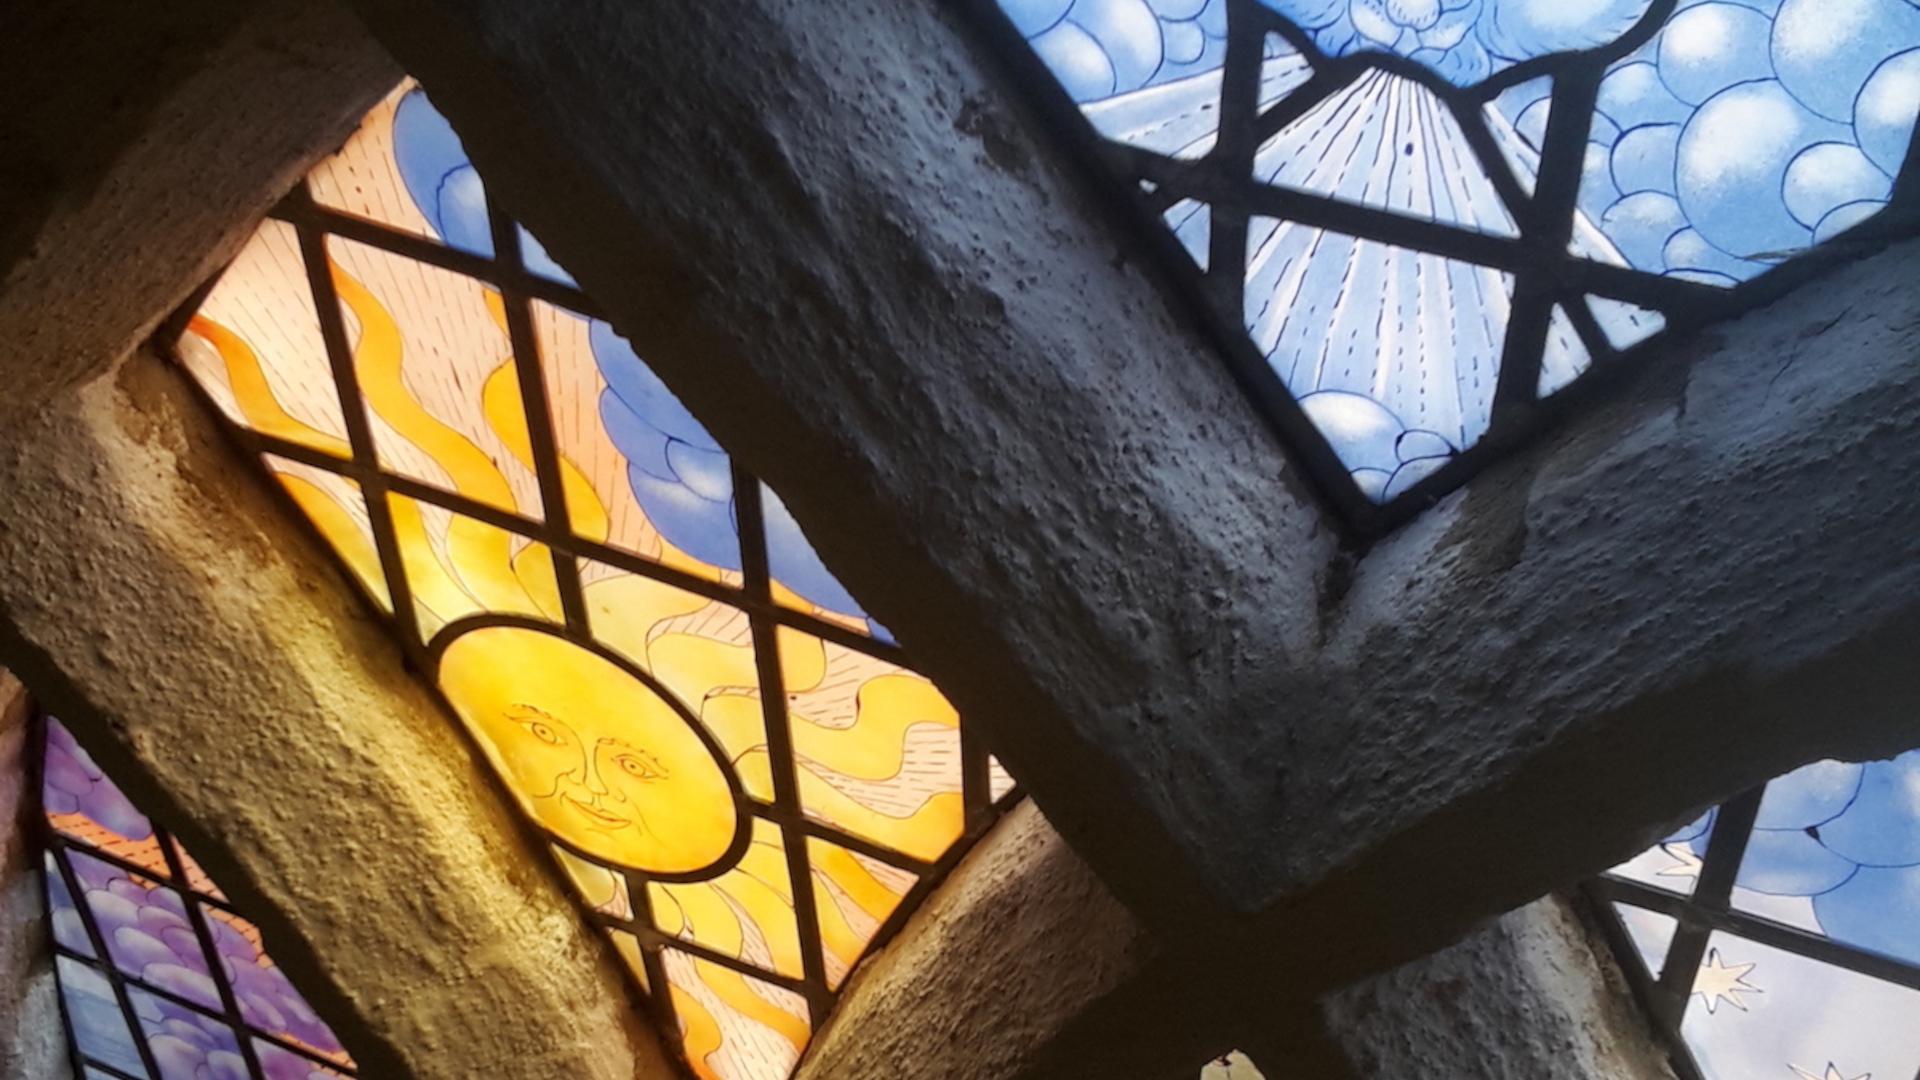 Kerk_Hoorn_GlasInLood_03.jpg